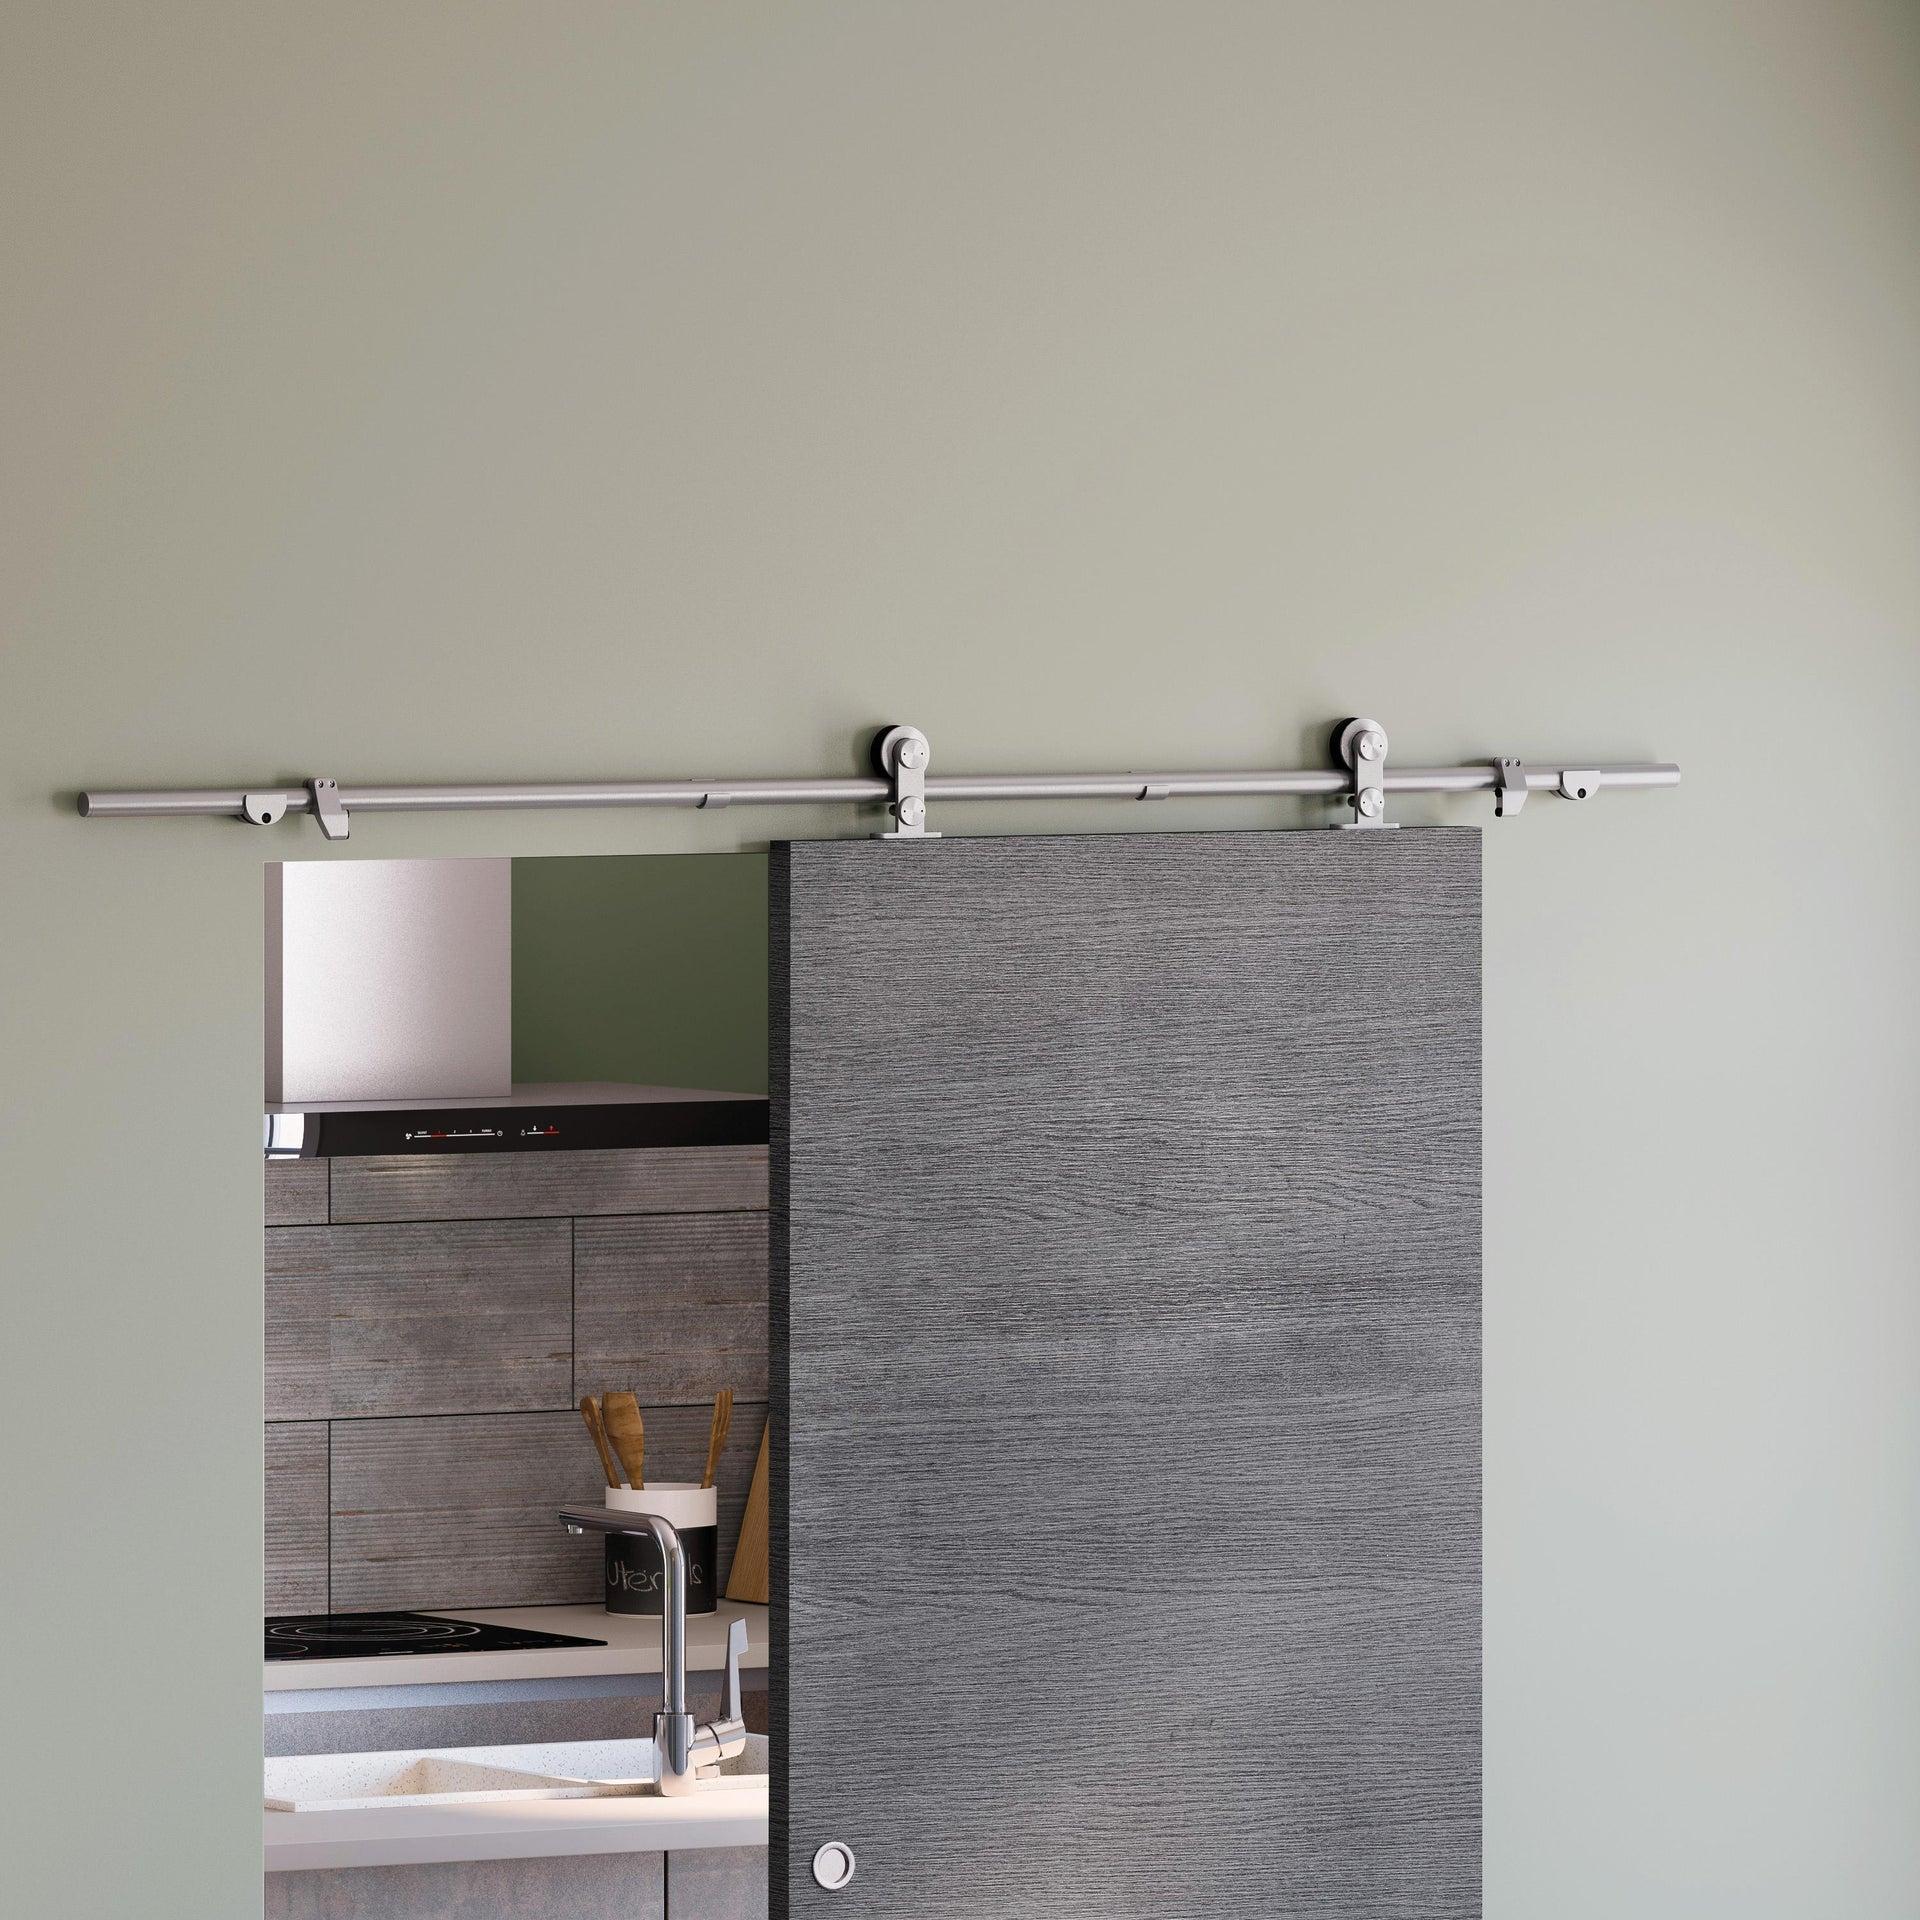 Binario per porta scorrevole Toledo grigio L 1.8 m - 4